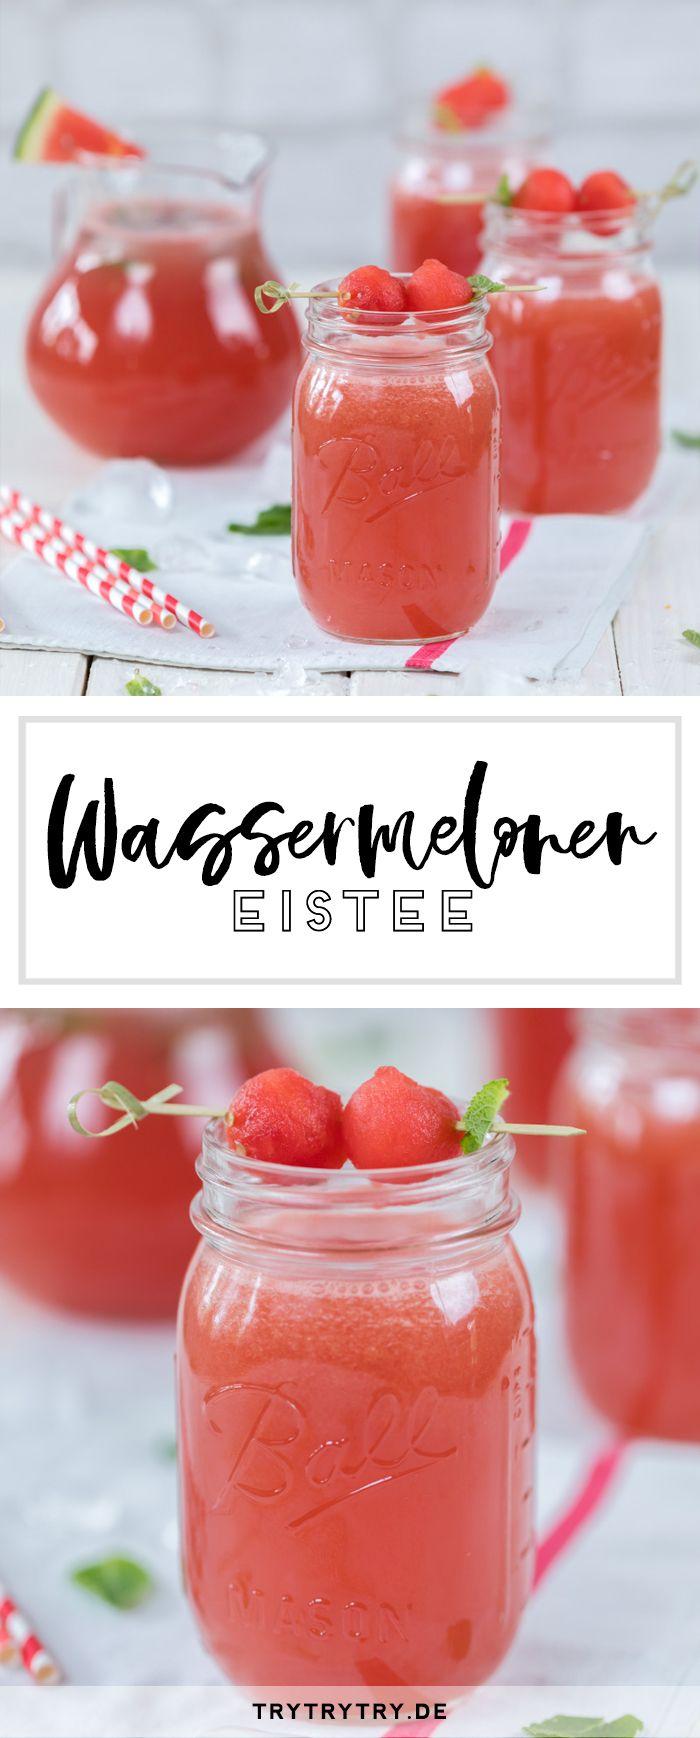 Wassermelonen Eistee #melone #eistee #getränk #drink #sommer ...